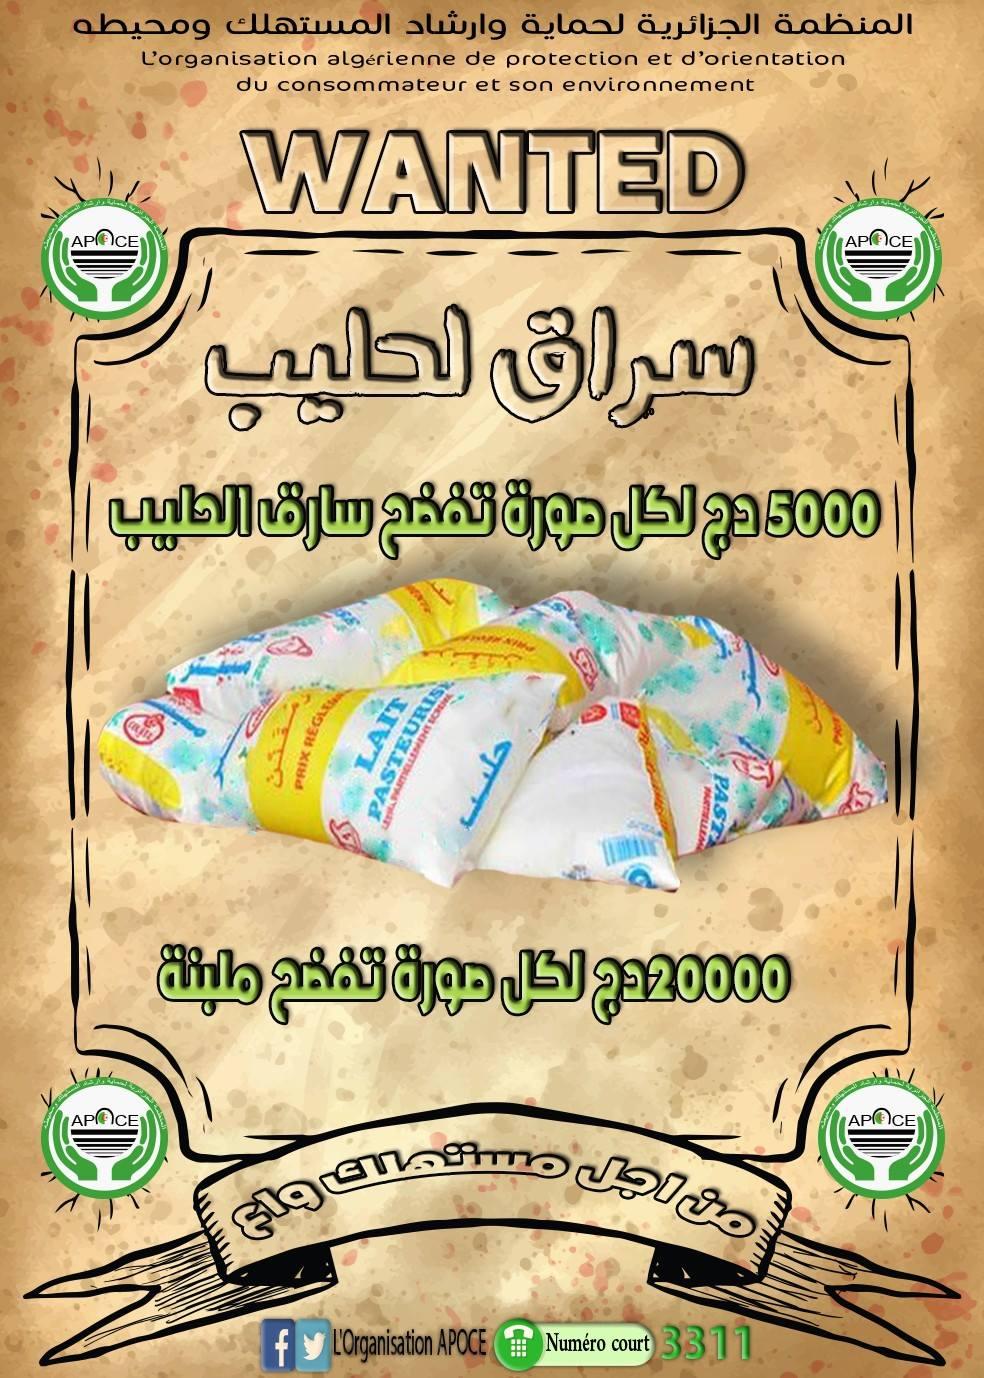 الحملة الوطنية لكشف سارقي الحليب  - المنظمة الجزائرية لحماية و ارشاد المستهلك و محيطه